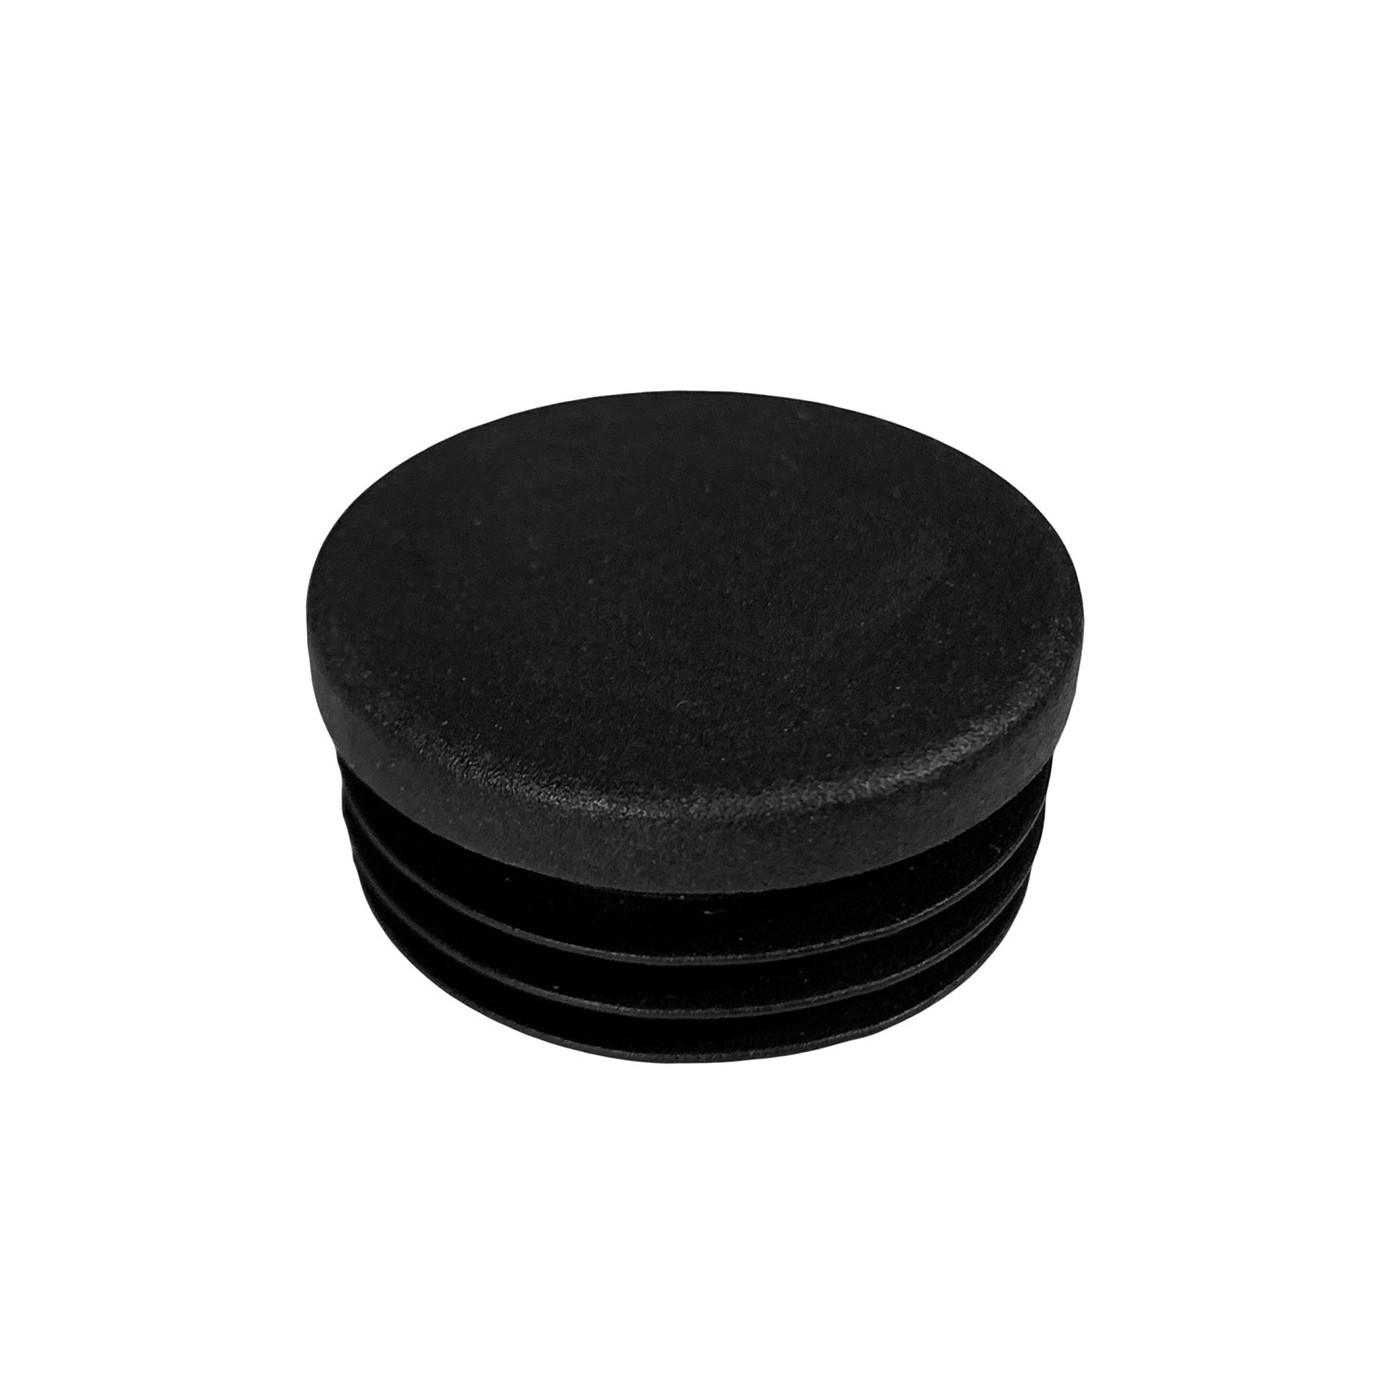 Set von 32 kunststoff Stuhlbeinkappen (Innenkappe, rund, 48 mm, schwarz) [I-RO-48-B]  - 1